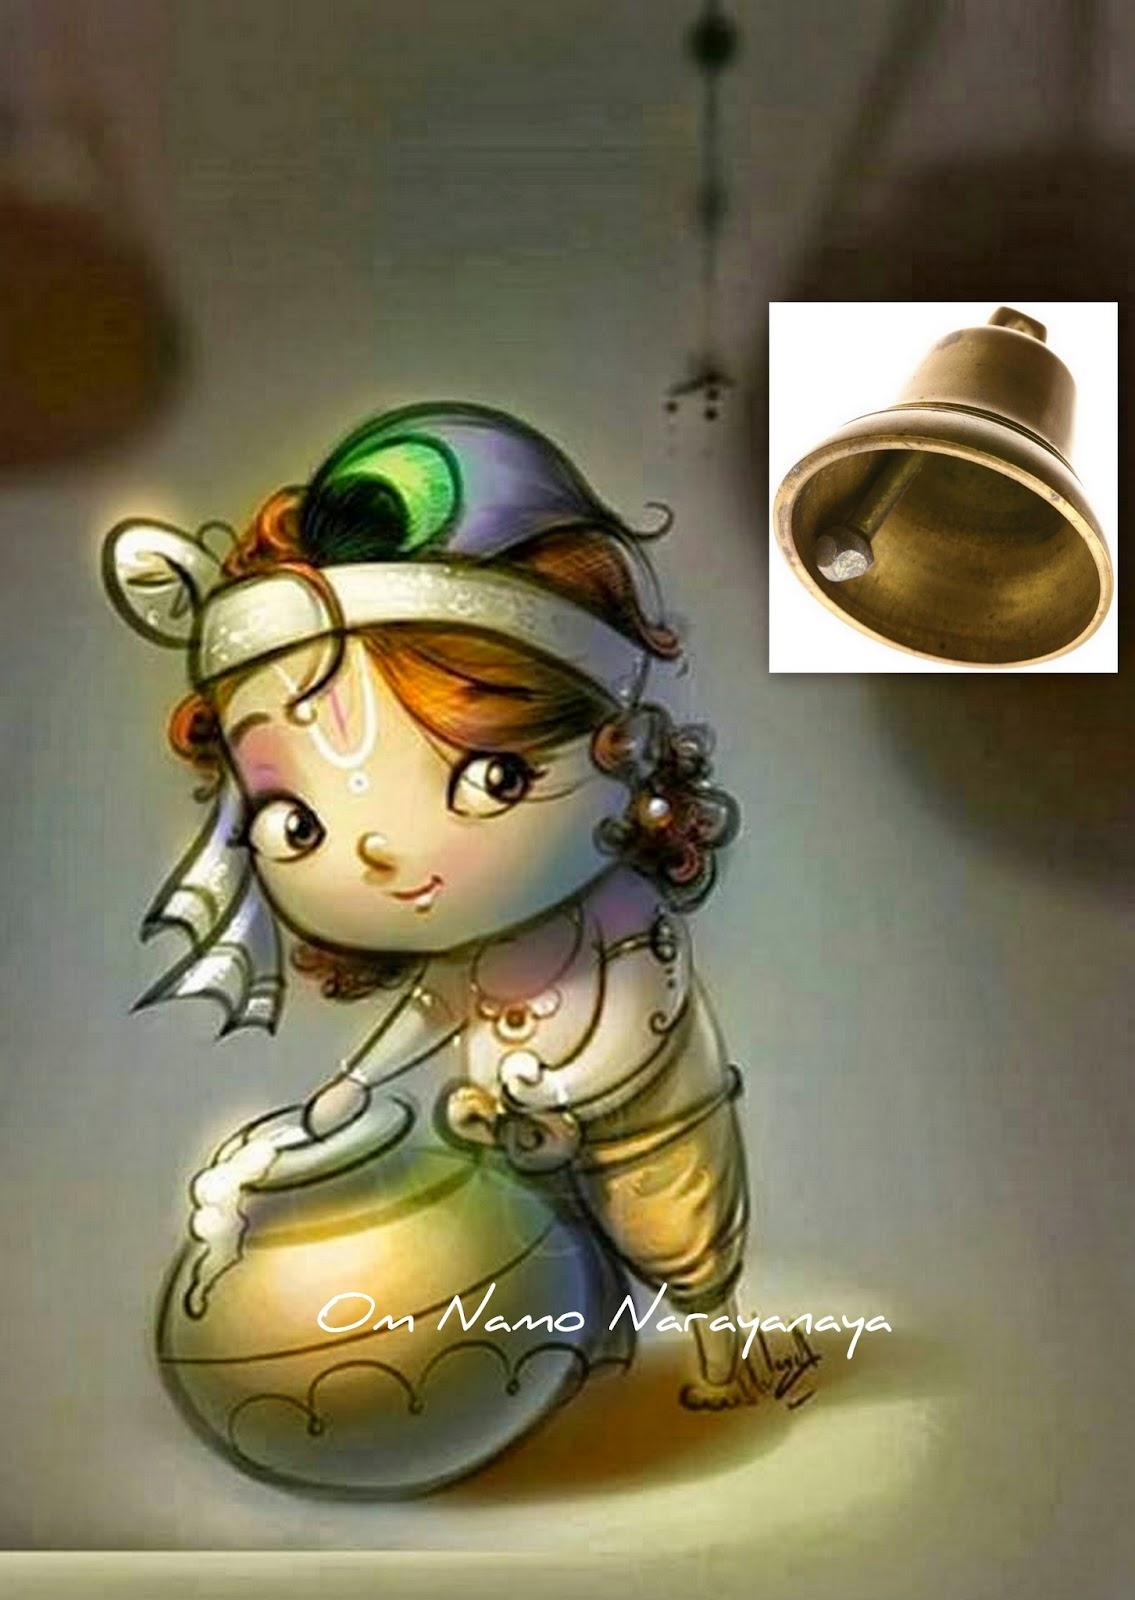 கண்ணன் கதைகள் (12) -  நிவேதனம்,கண்ணன் கதைகள், குருவாயூரப்பன் கதைகள்,